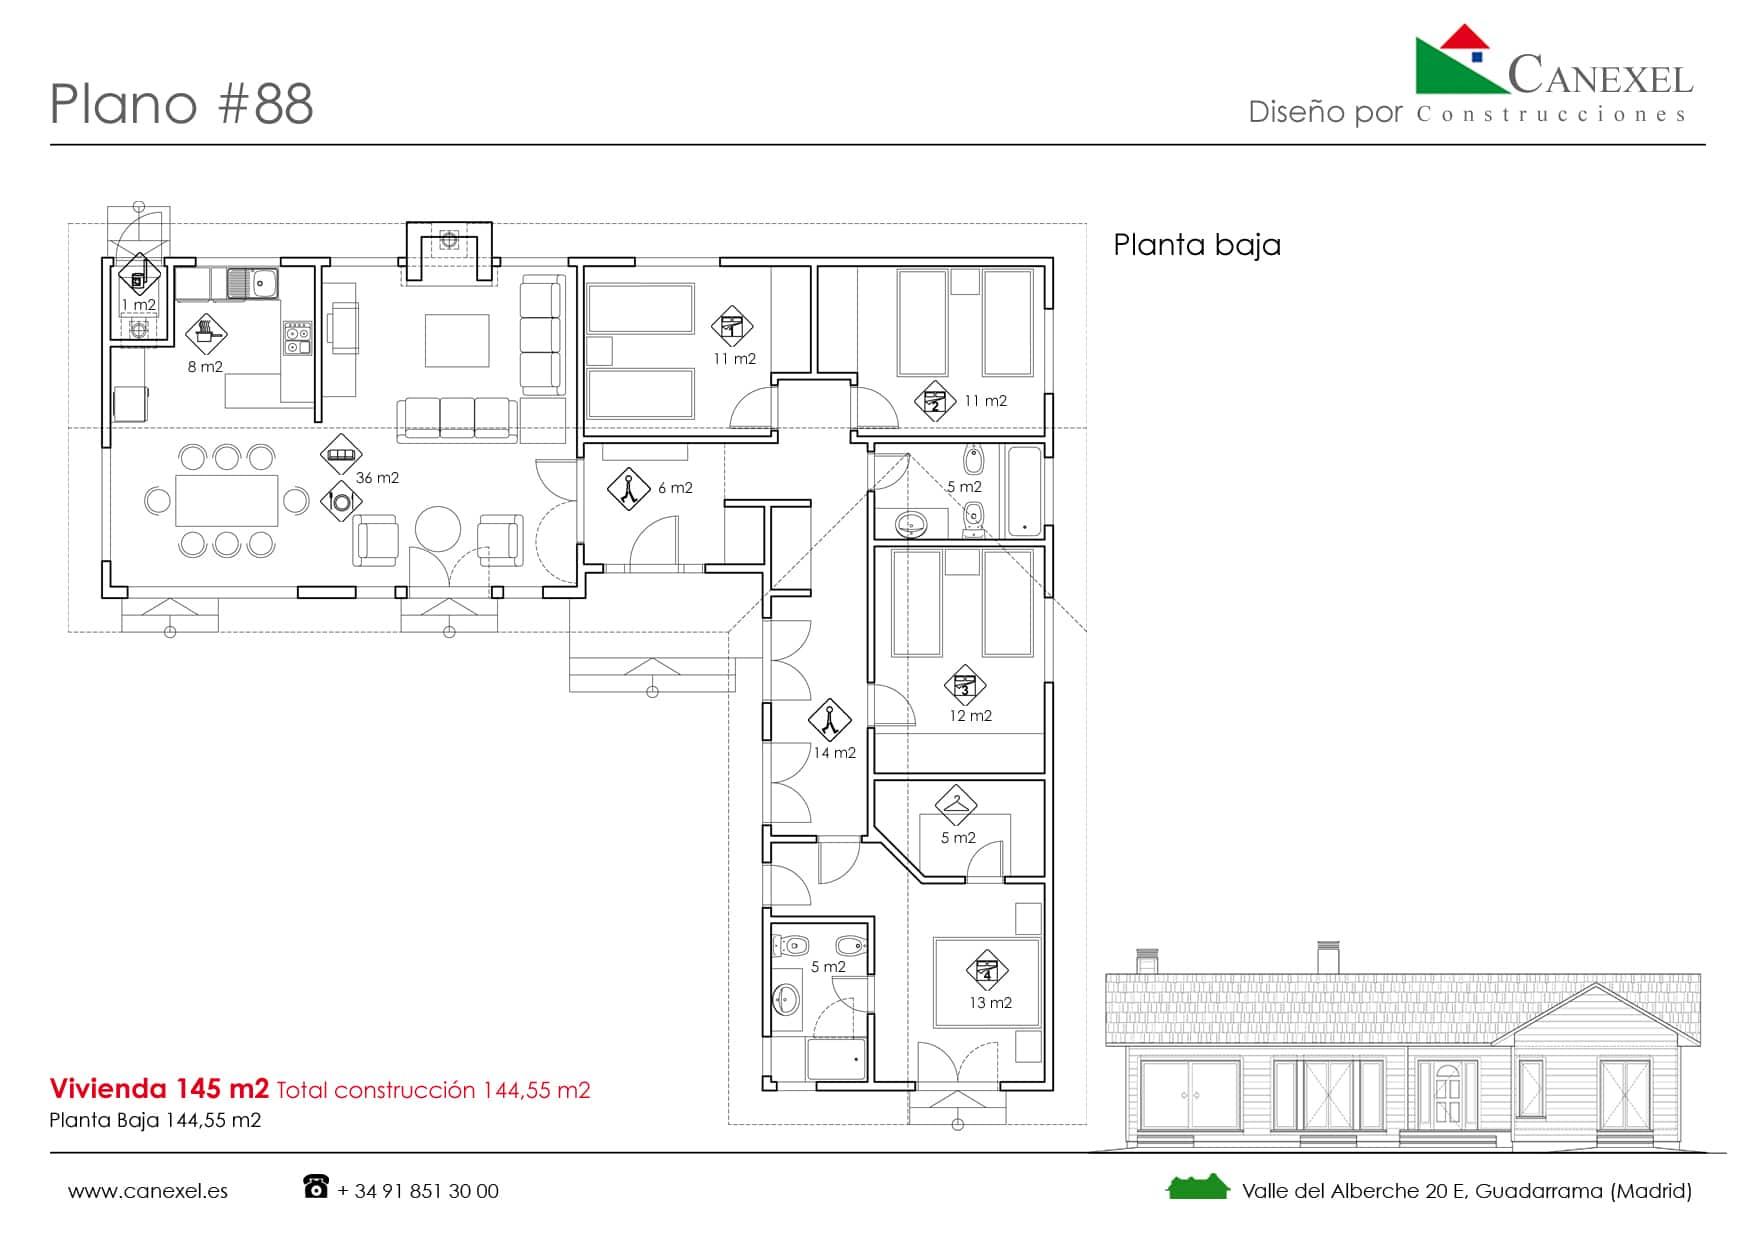 Planos de casas de una planta canexel for Casas en ele planos